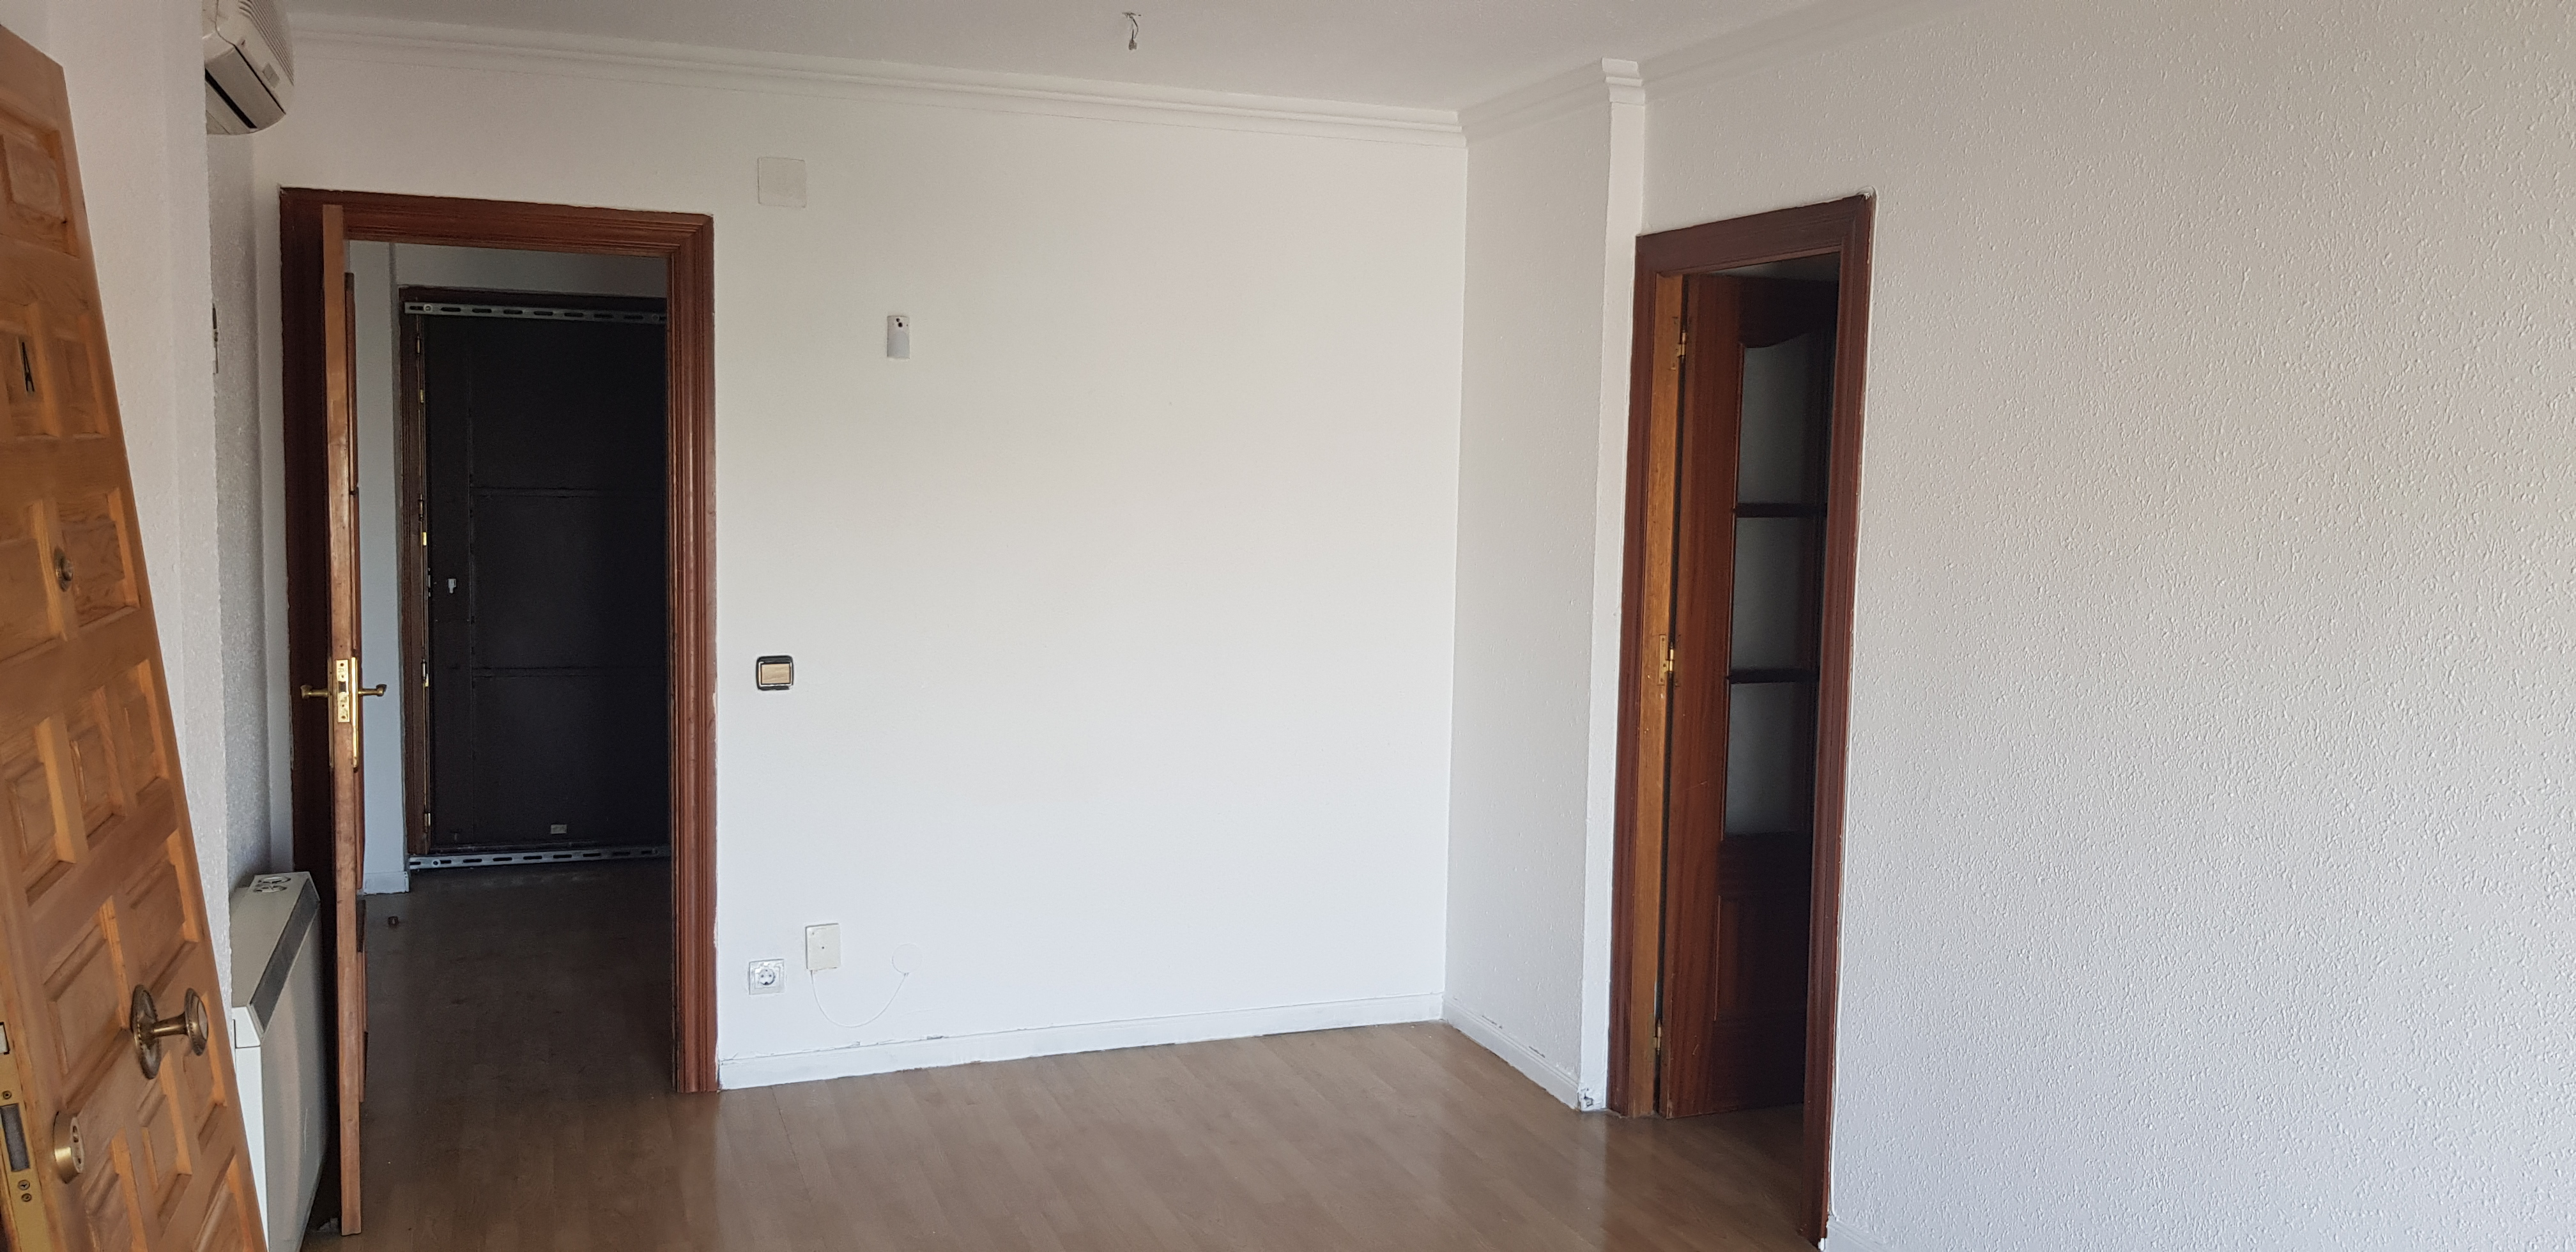 Piso en venta en Cerro - El Molino, Fuenlabrada, Madrid, Calle de Mónaco, 136.000 €, 3 habitaciones, 1 baño, 81 m2